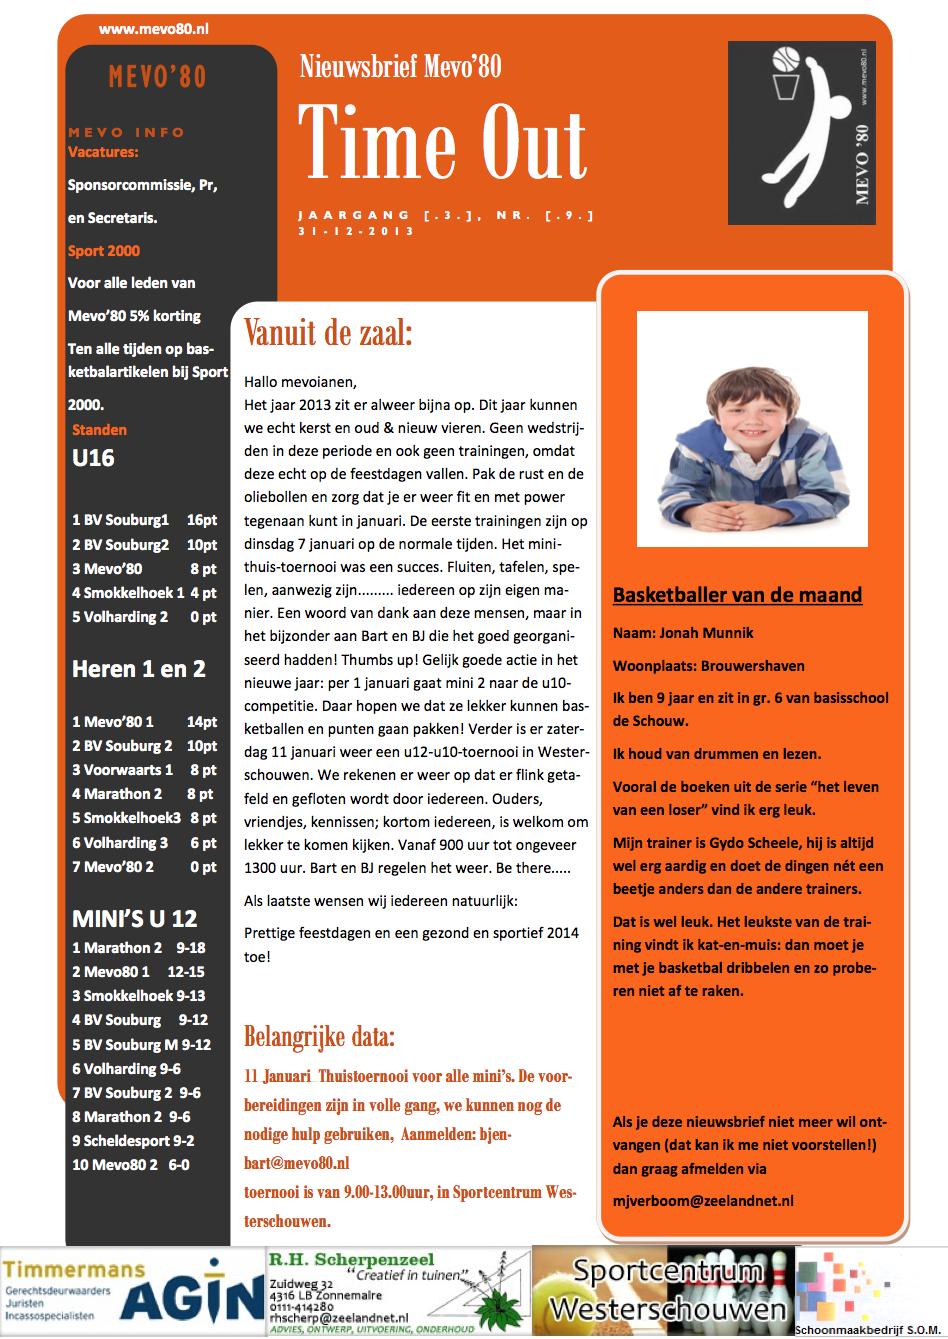 Nieuwsbrief Mevo'80 #9 2014